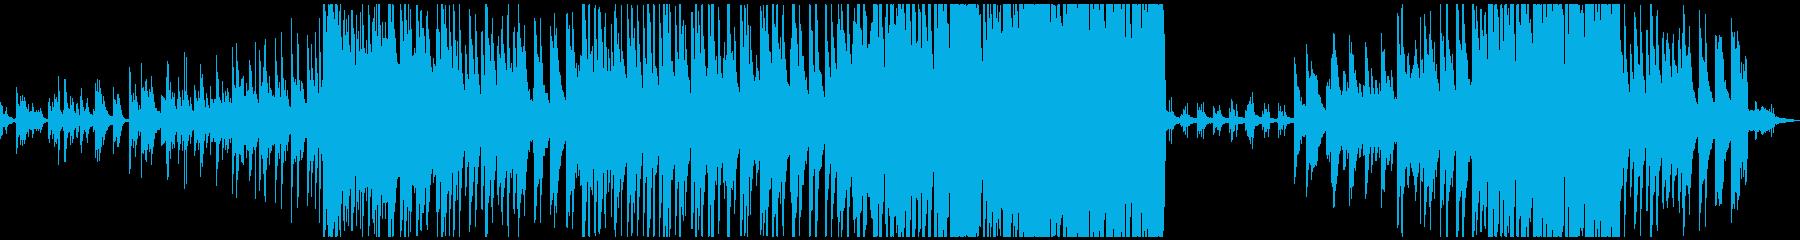 ベース、ドラムなし 大音量版の再生済みの波形